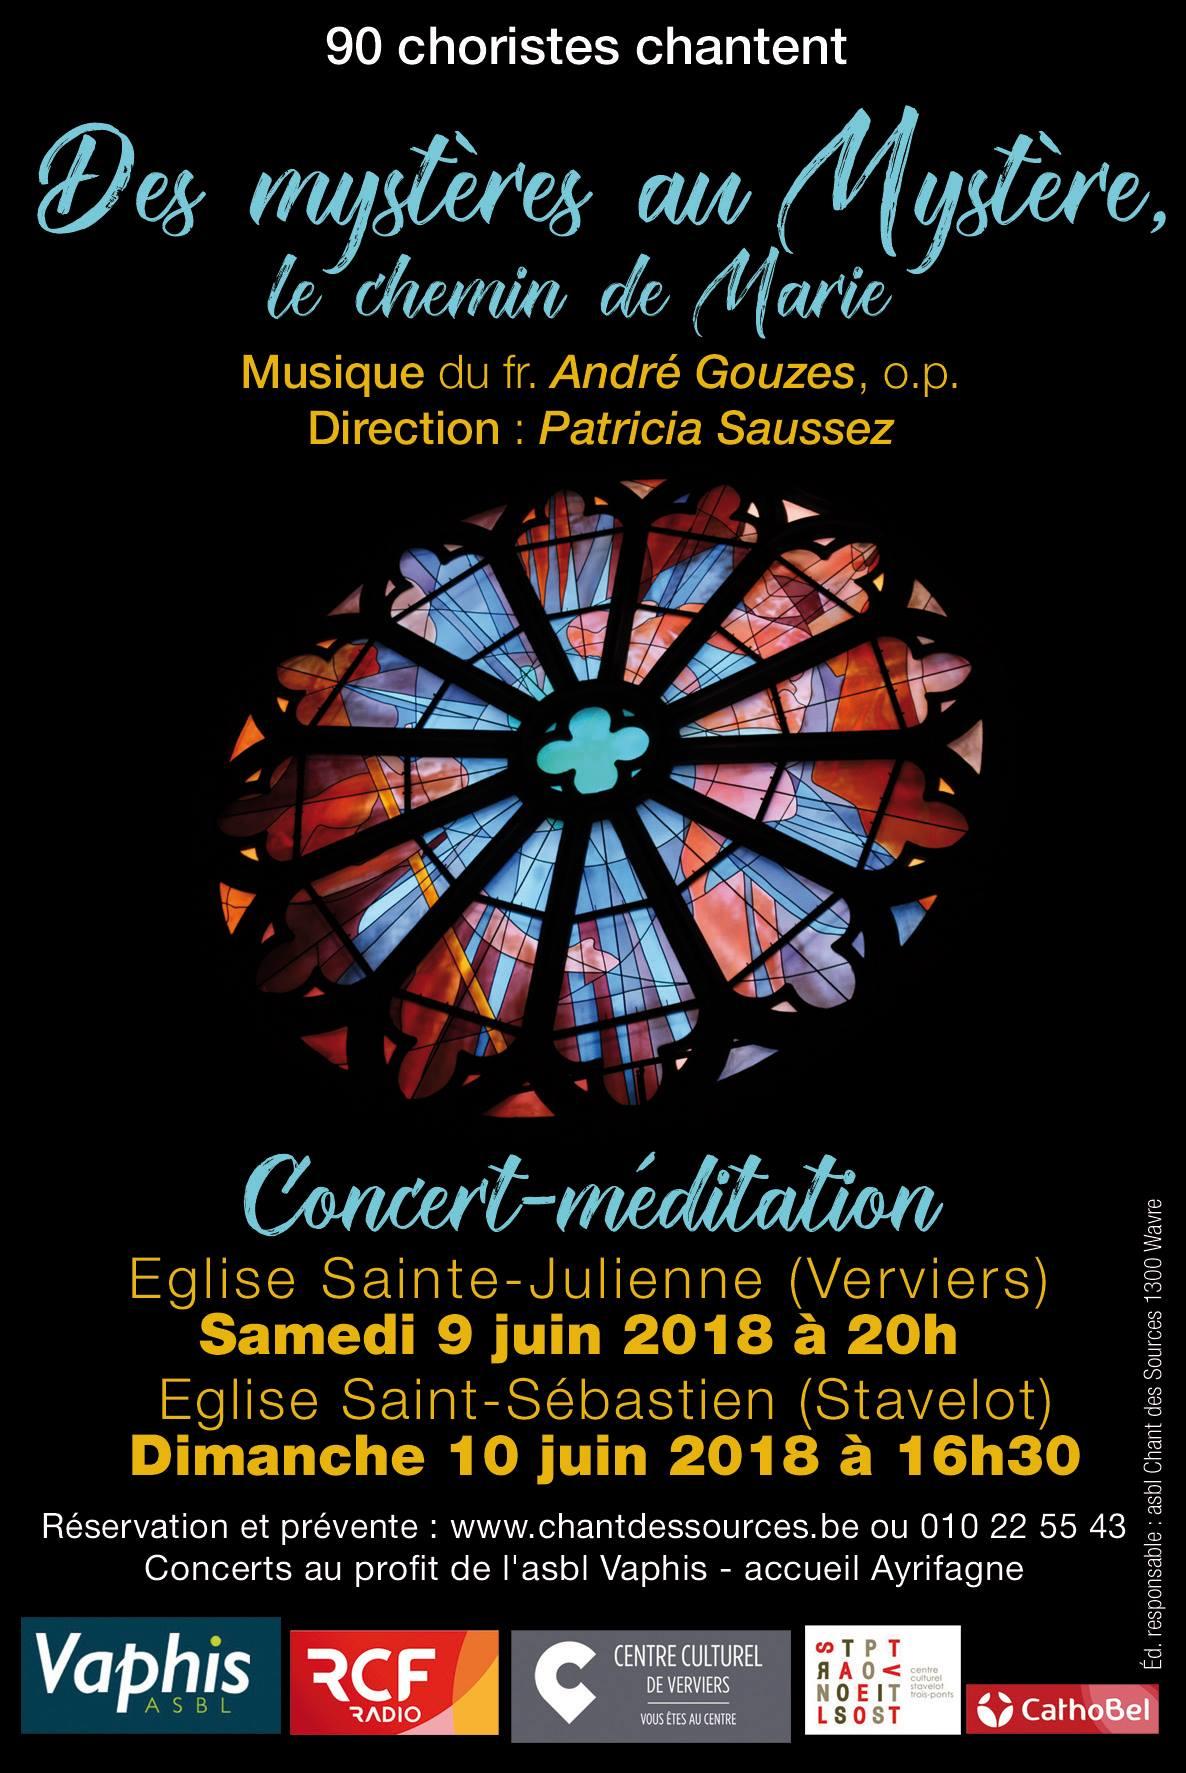 Concert-méditation avec 90 choristes @ Eglise Sainte Julienne | Verviers | Wallonie | Belgique